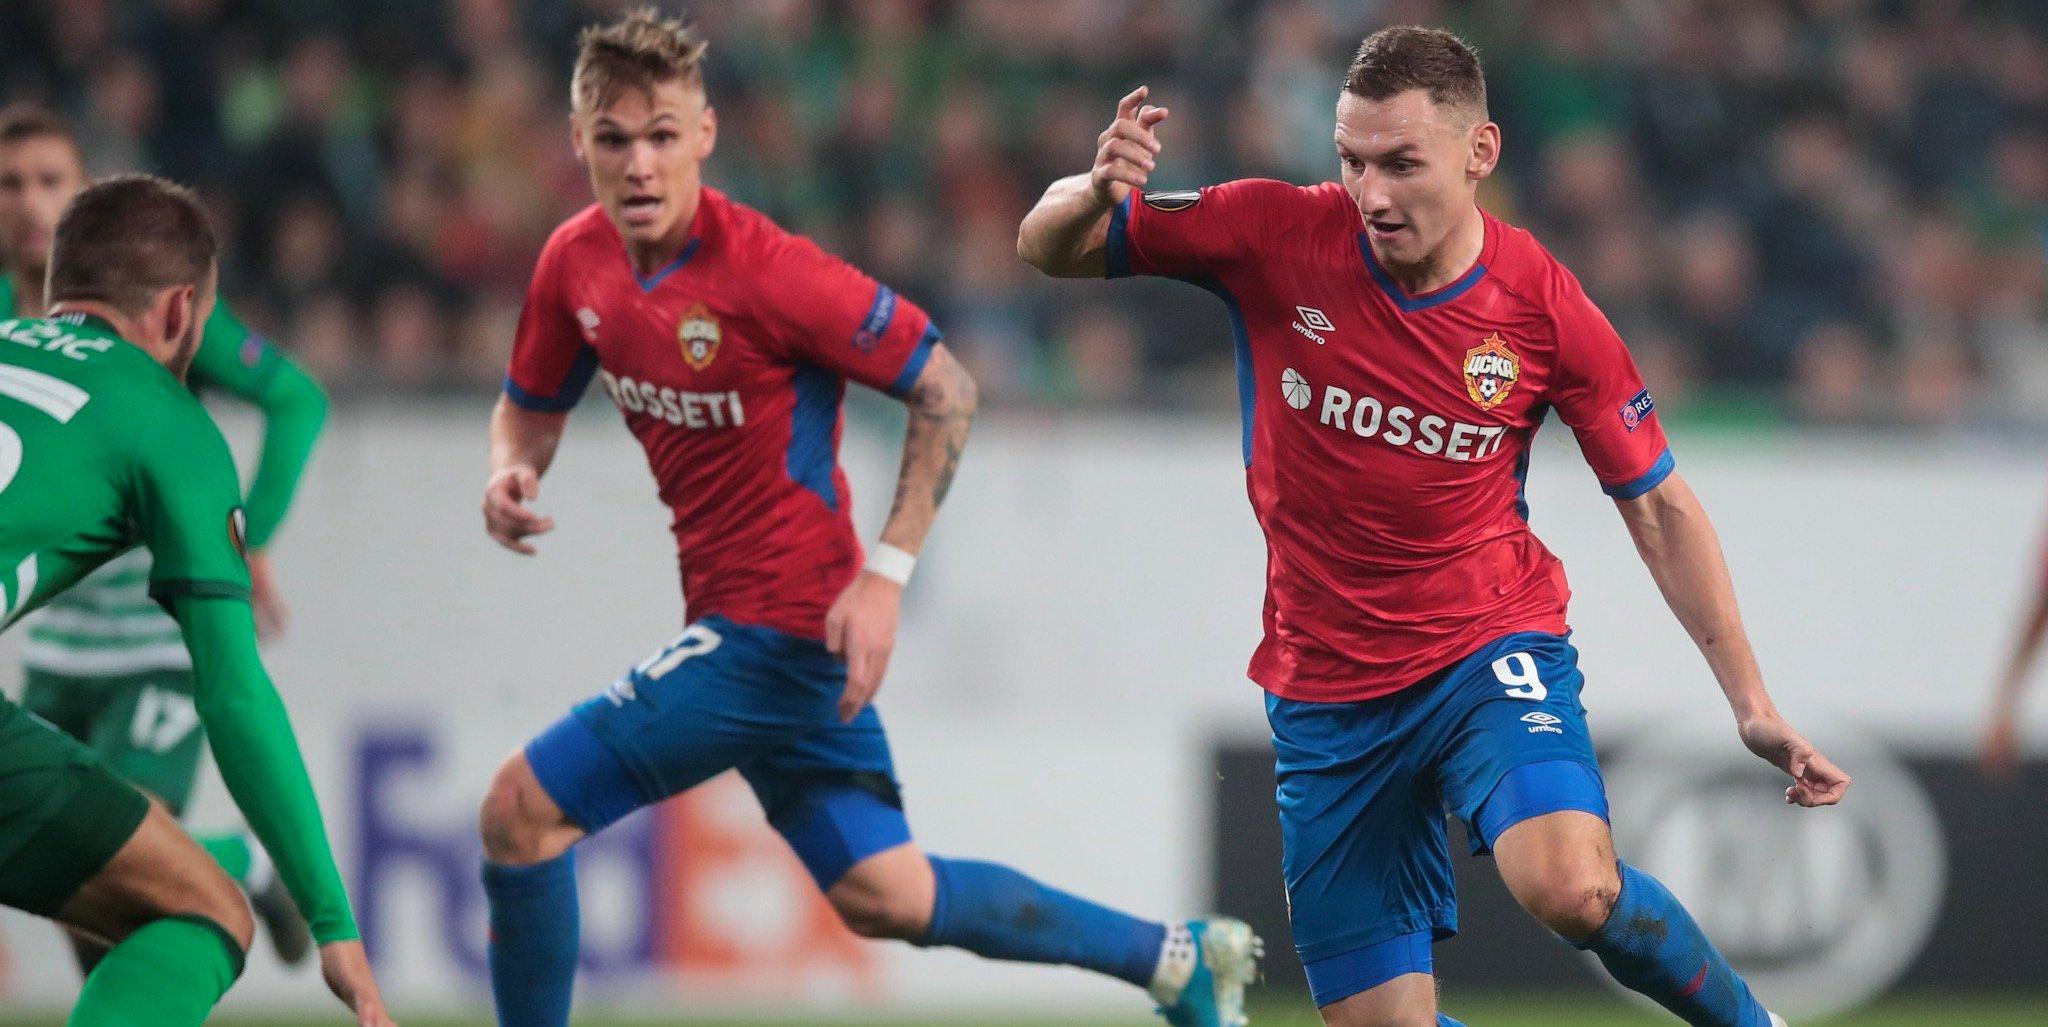 ЦСКА набрал первое очко в группе Лиги Европы, Набабкин вышел на замену и был удален - фото